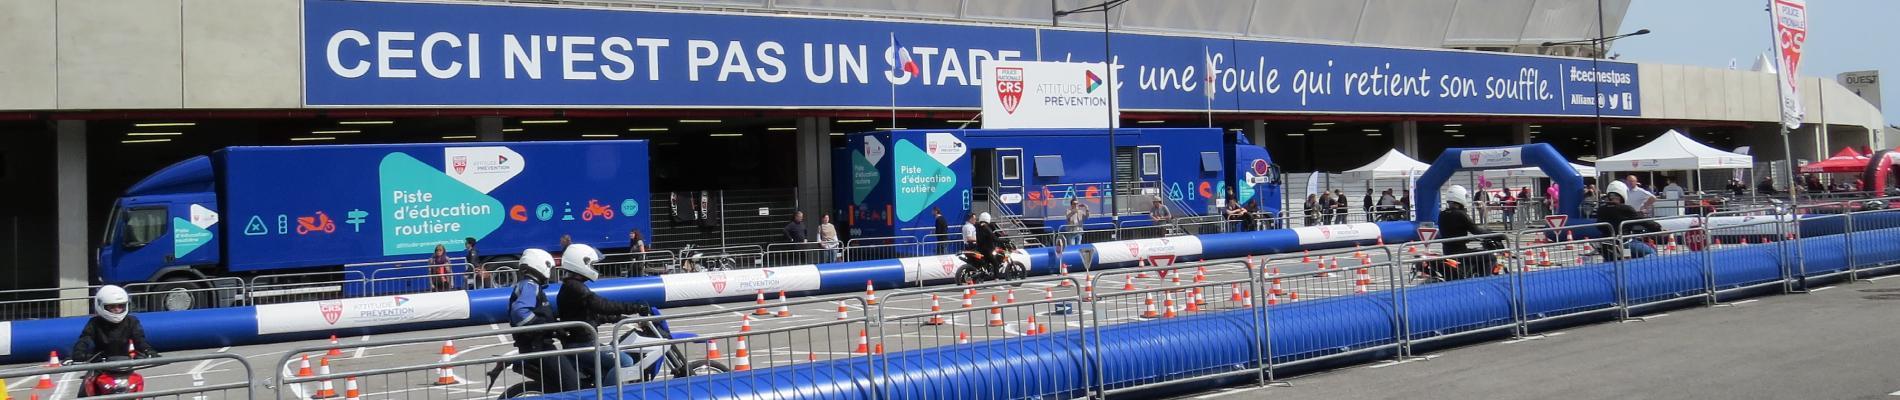 La piste d'éducation routière CRS/Attitude Prévention sera au Salon Moto Expo de Nice (06), les 30 et 31 mars